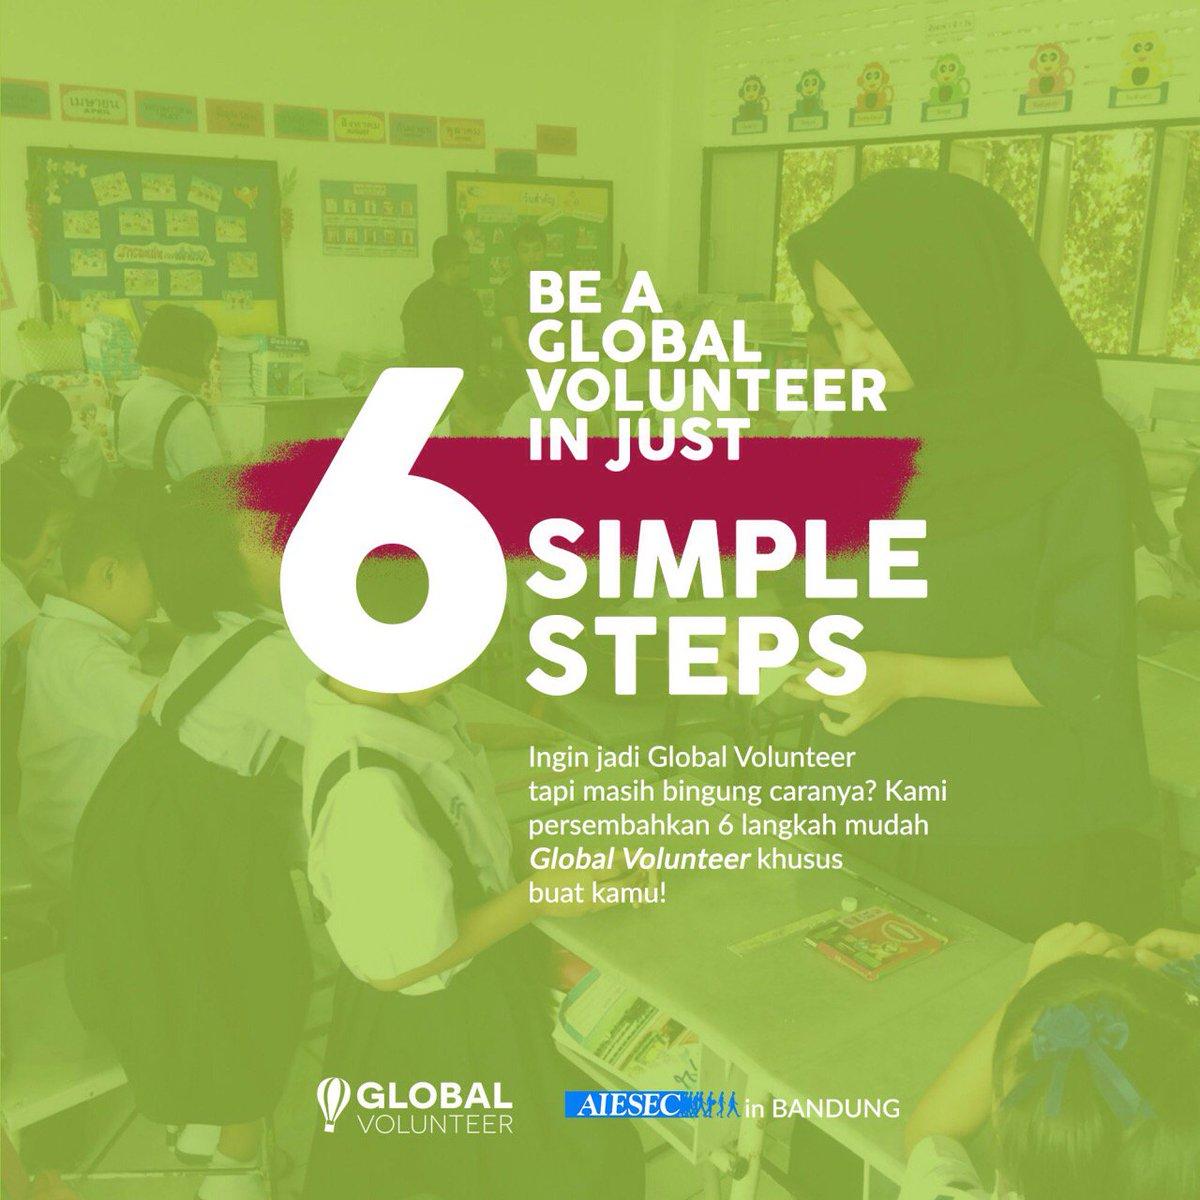 Bagi kamu yang ingin ikut dalam program Global Volunteer tetapi masih bingung caranya, ikuti tutorial super mudah kami berikut ini. https://t.co/kXO8CKIxut